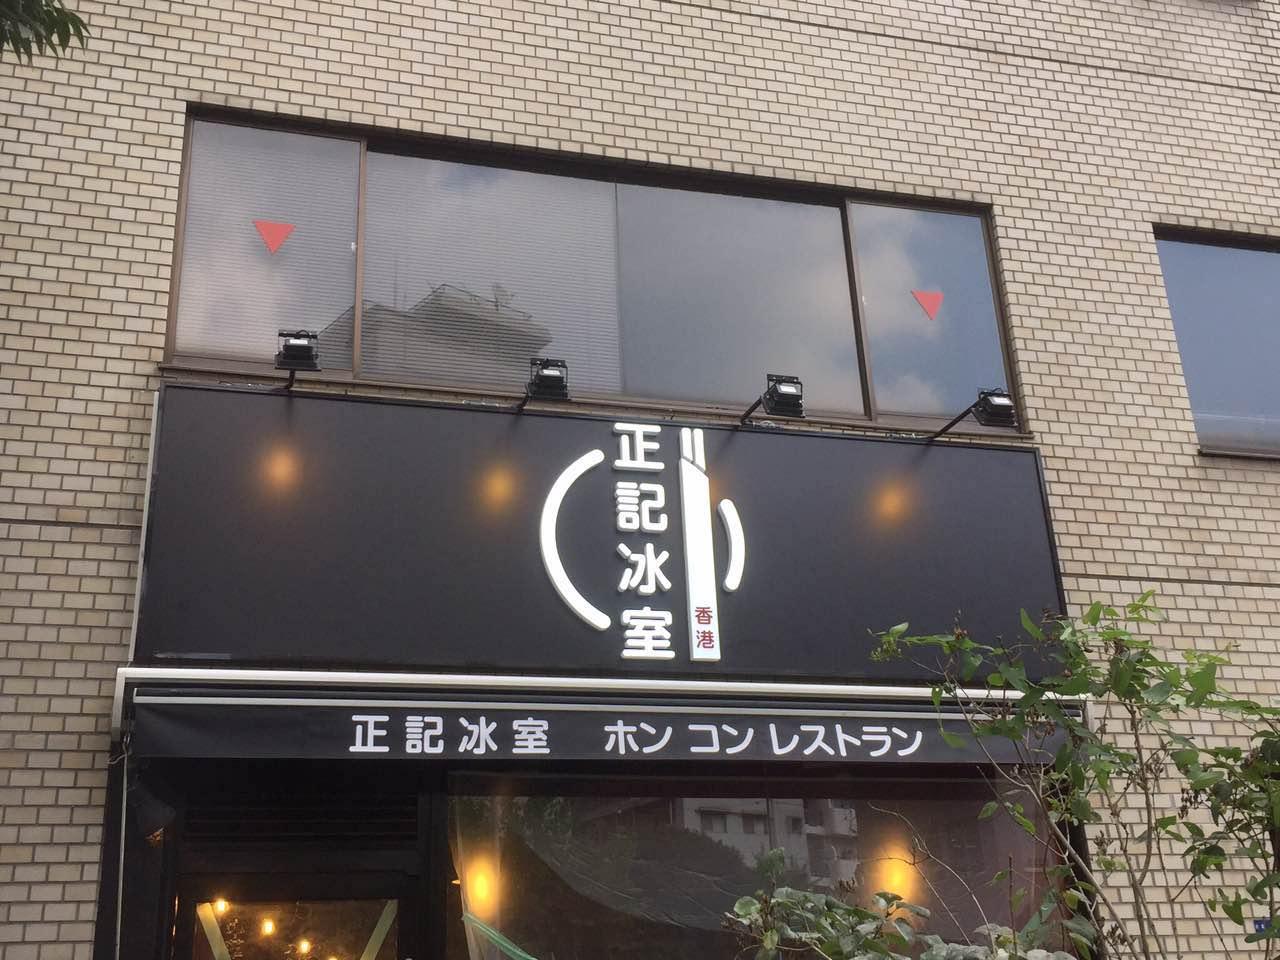 レストランのカルプ切り文字